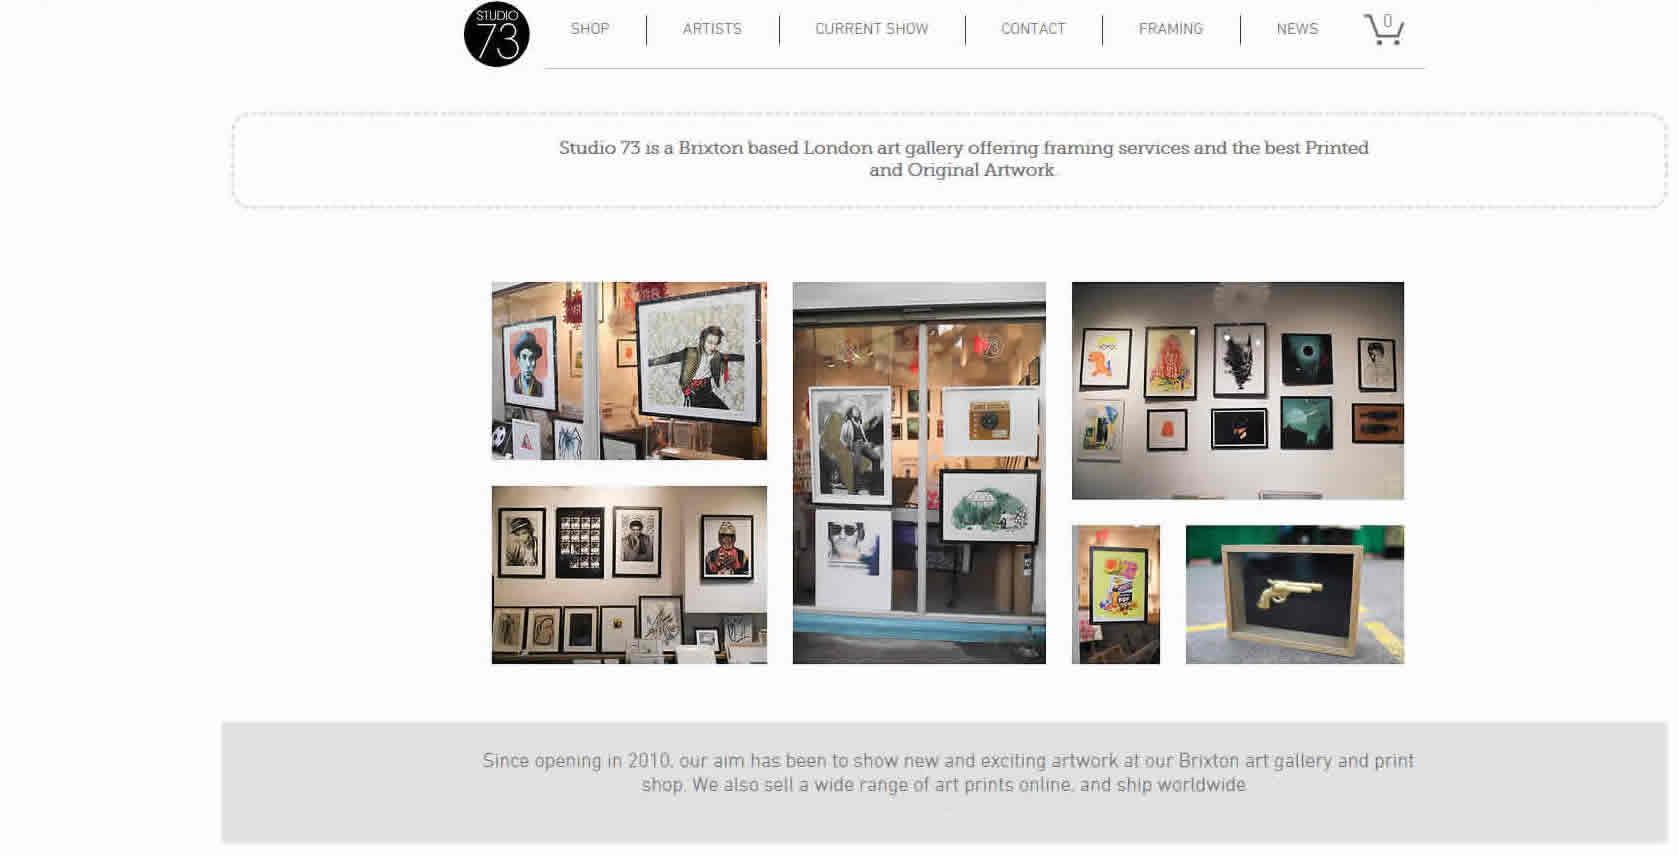 studio73 website page